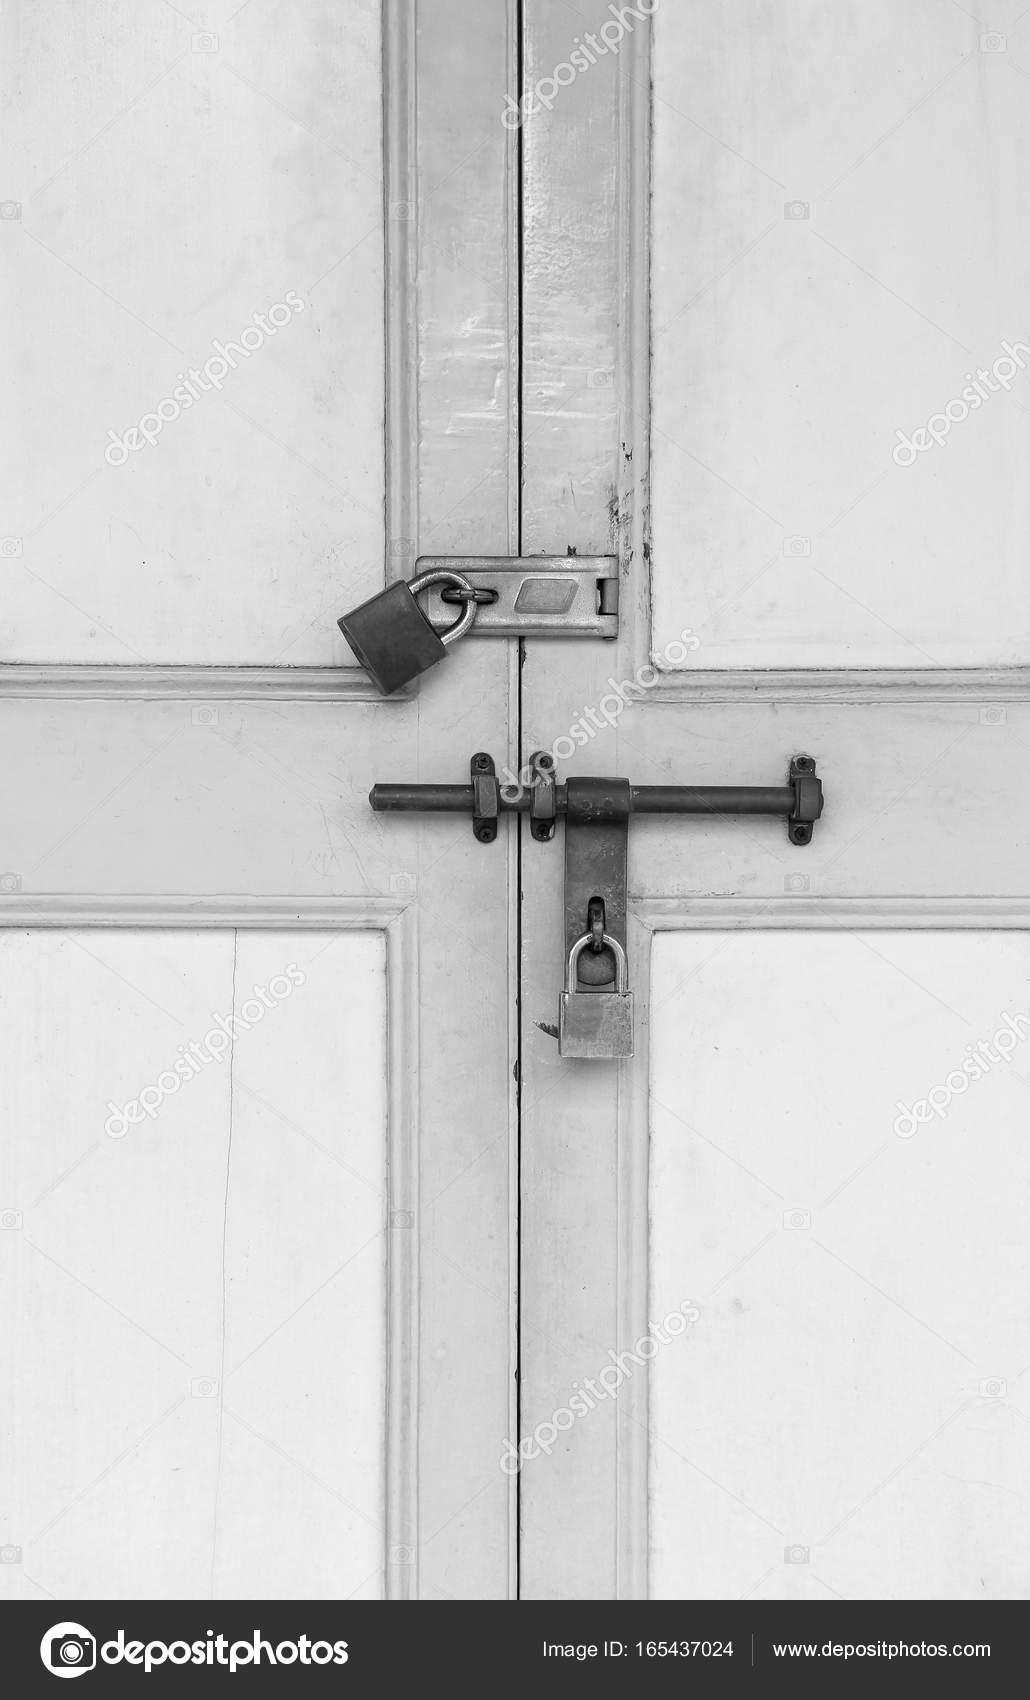 vieille porte en bois ancienne amazing porte d interieur vantaux vitr e ancienne vieilles. Black Bedroom Furniture Sets. Home Design Ideas